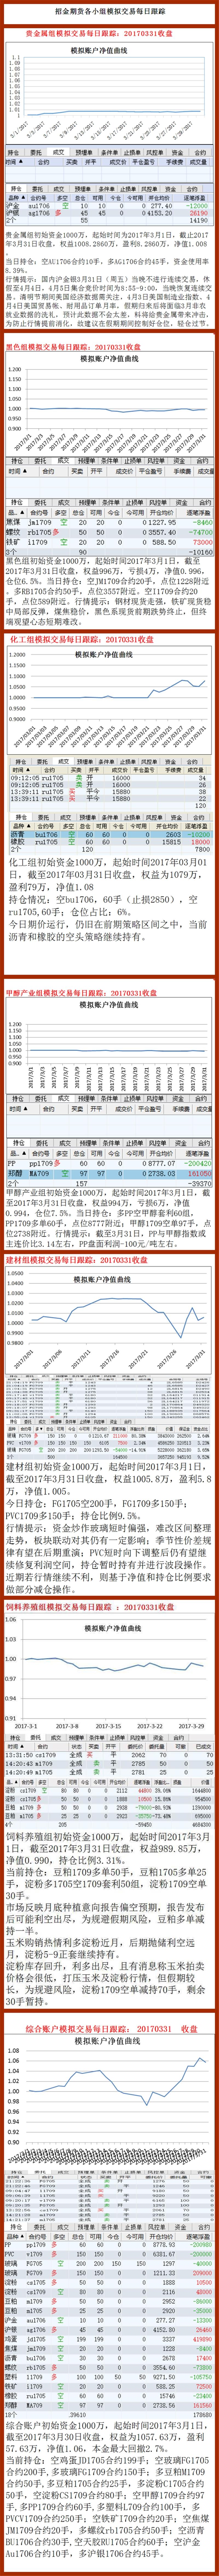 招金期货研究员模拟交易策略汇总(2017.03.31)